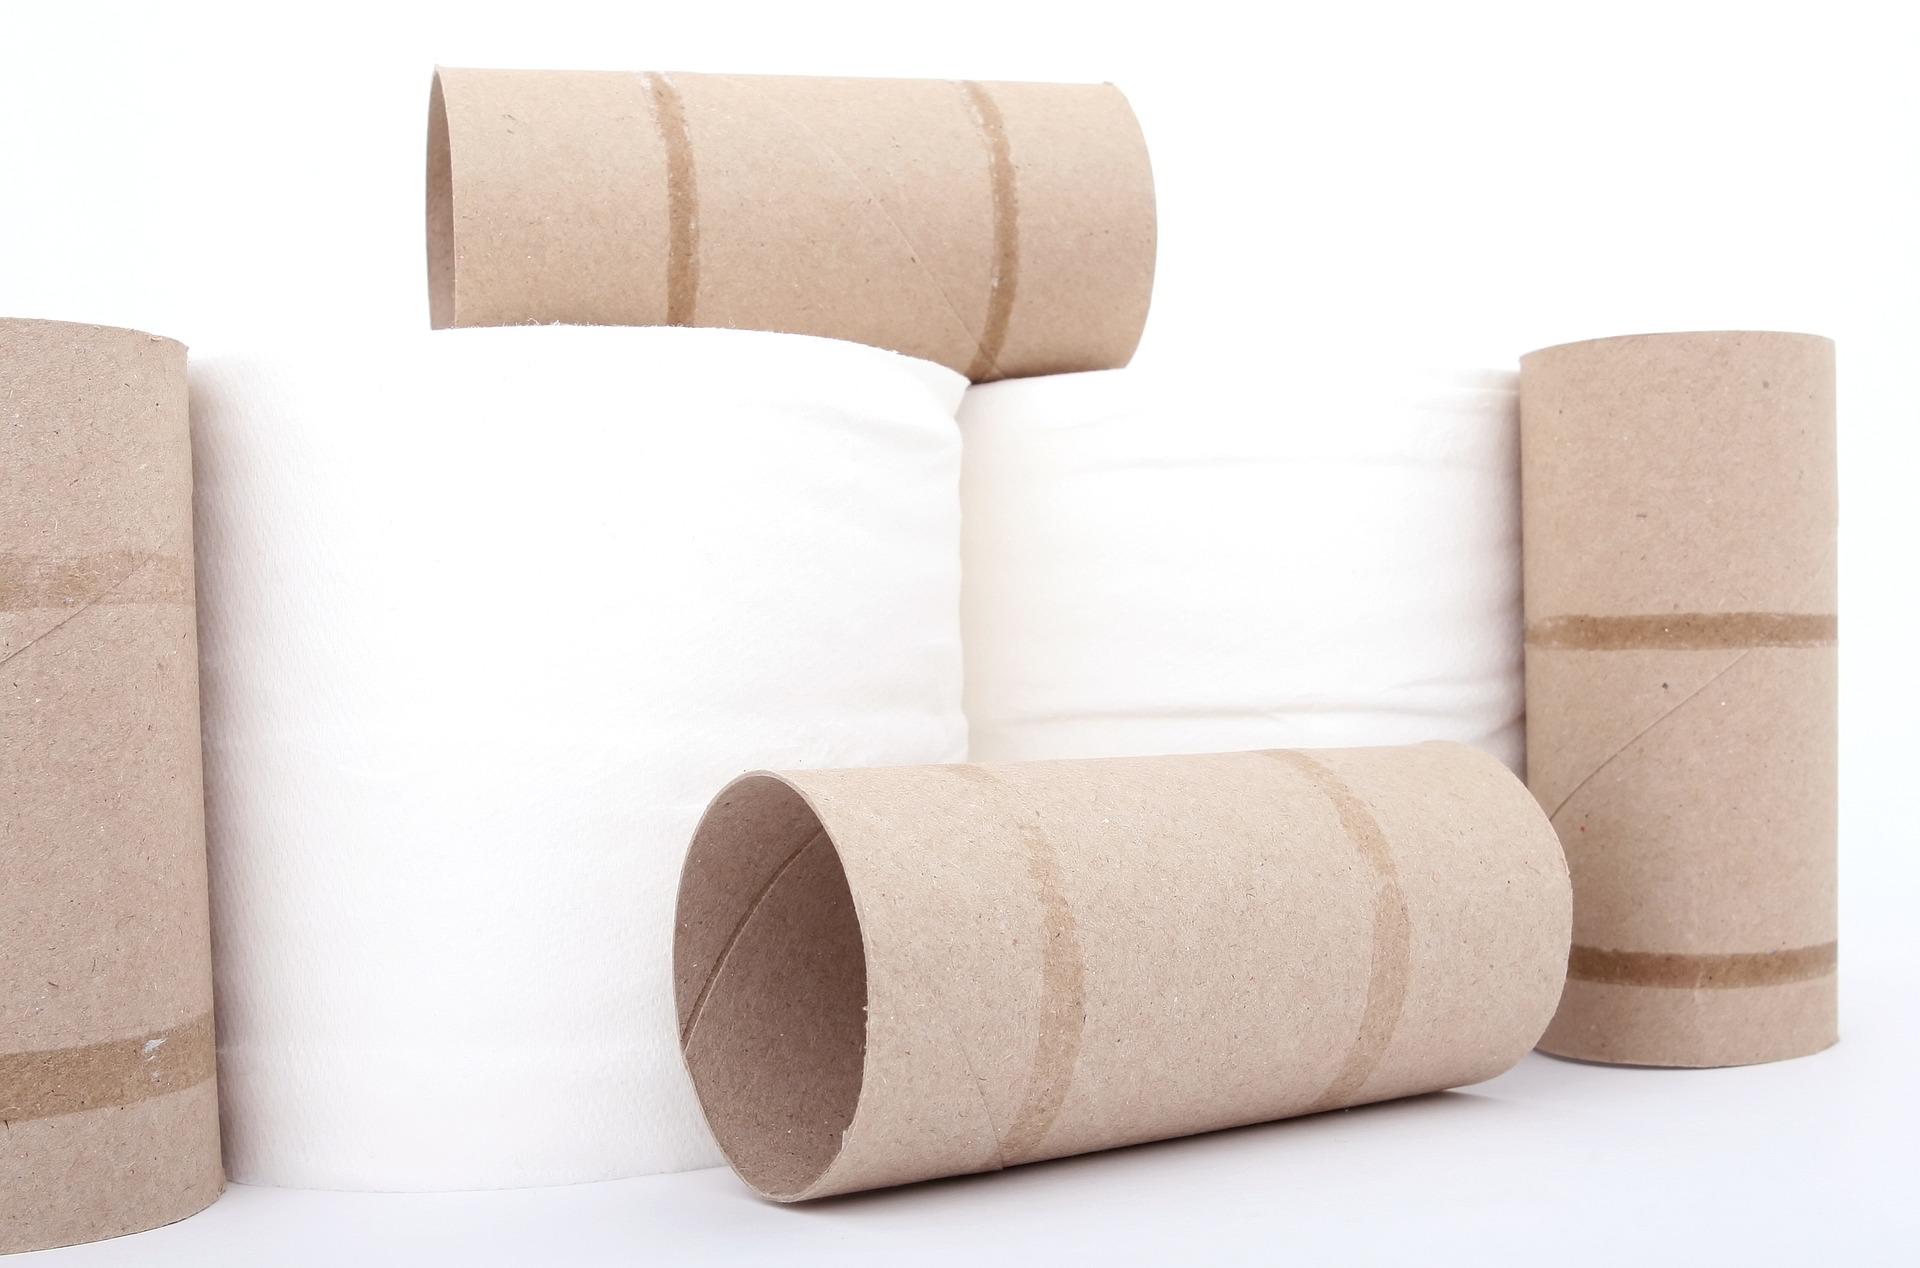 10 dingen om te doen met lege wc-rollen